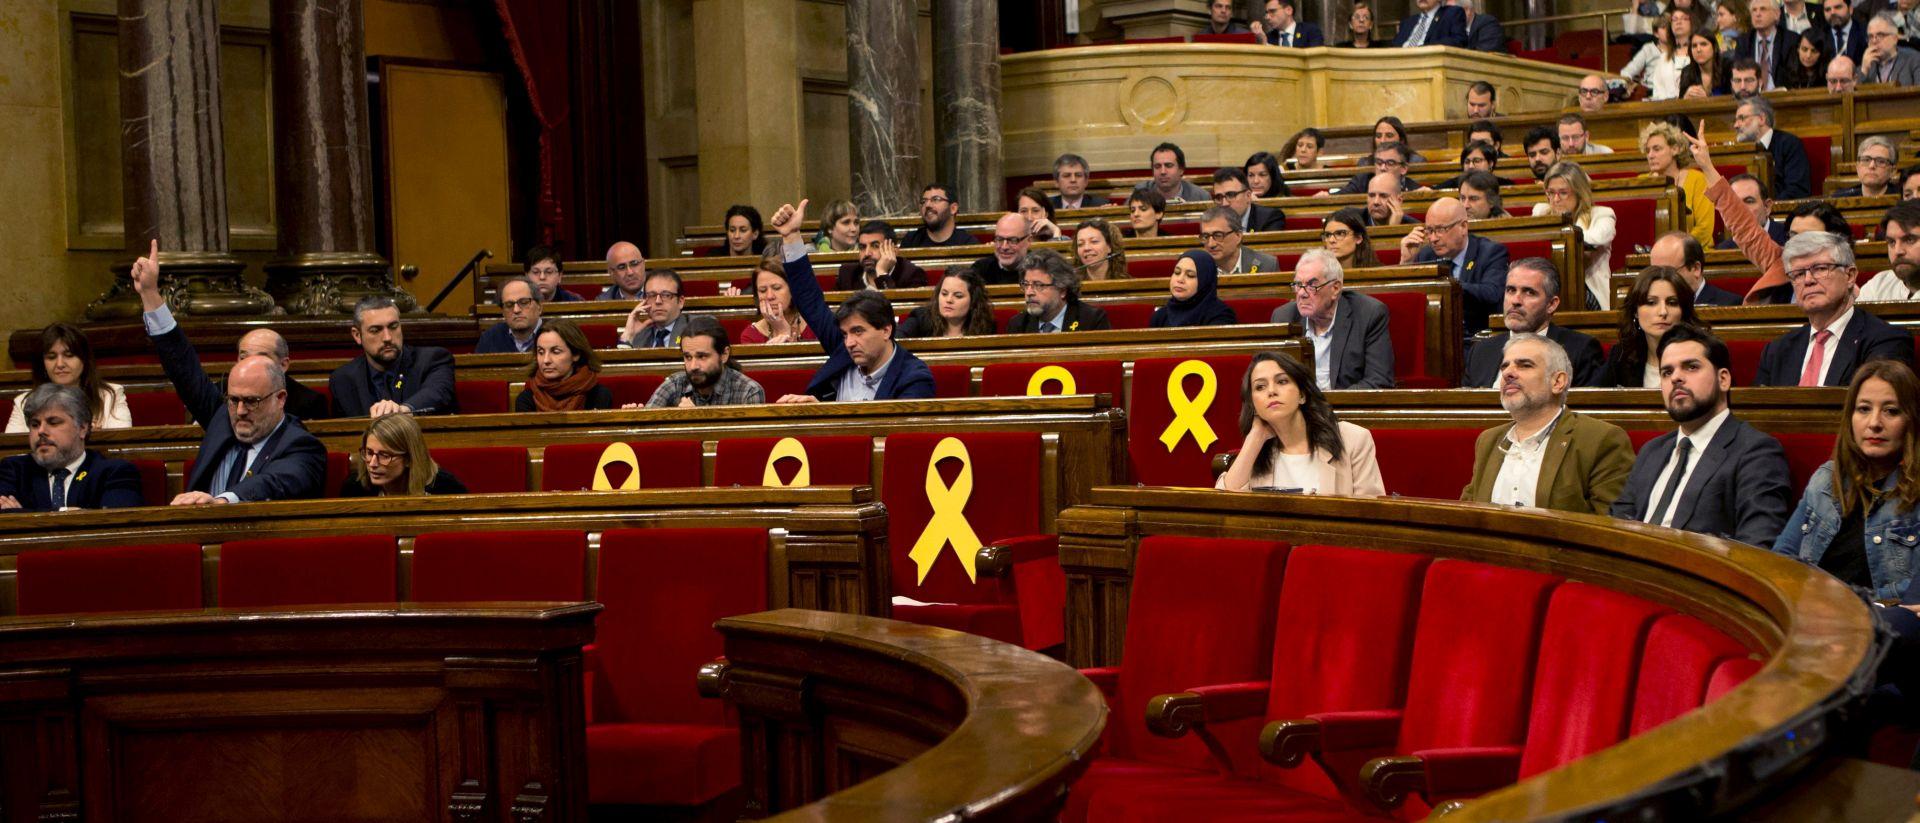 Katalonski parlament izglasao Puigdemontu pravo da bude predsjednik